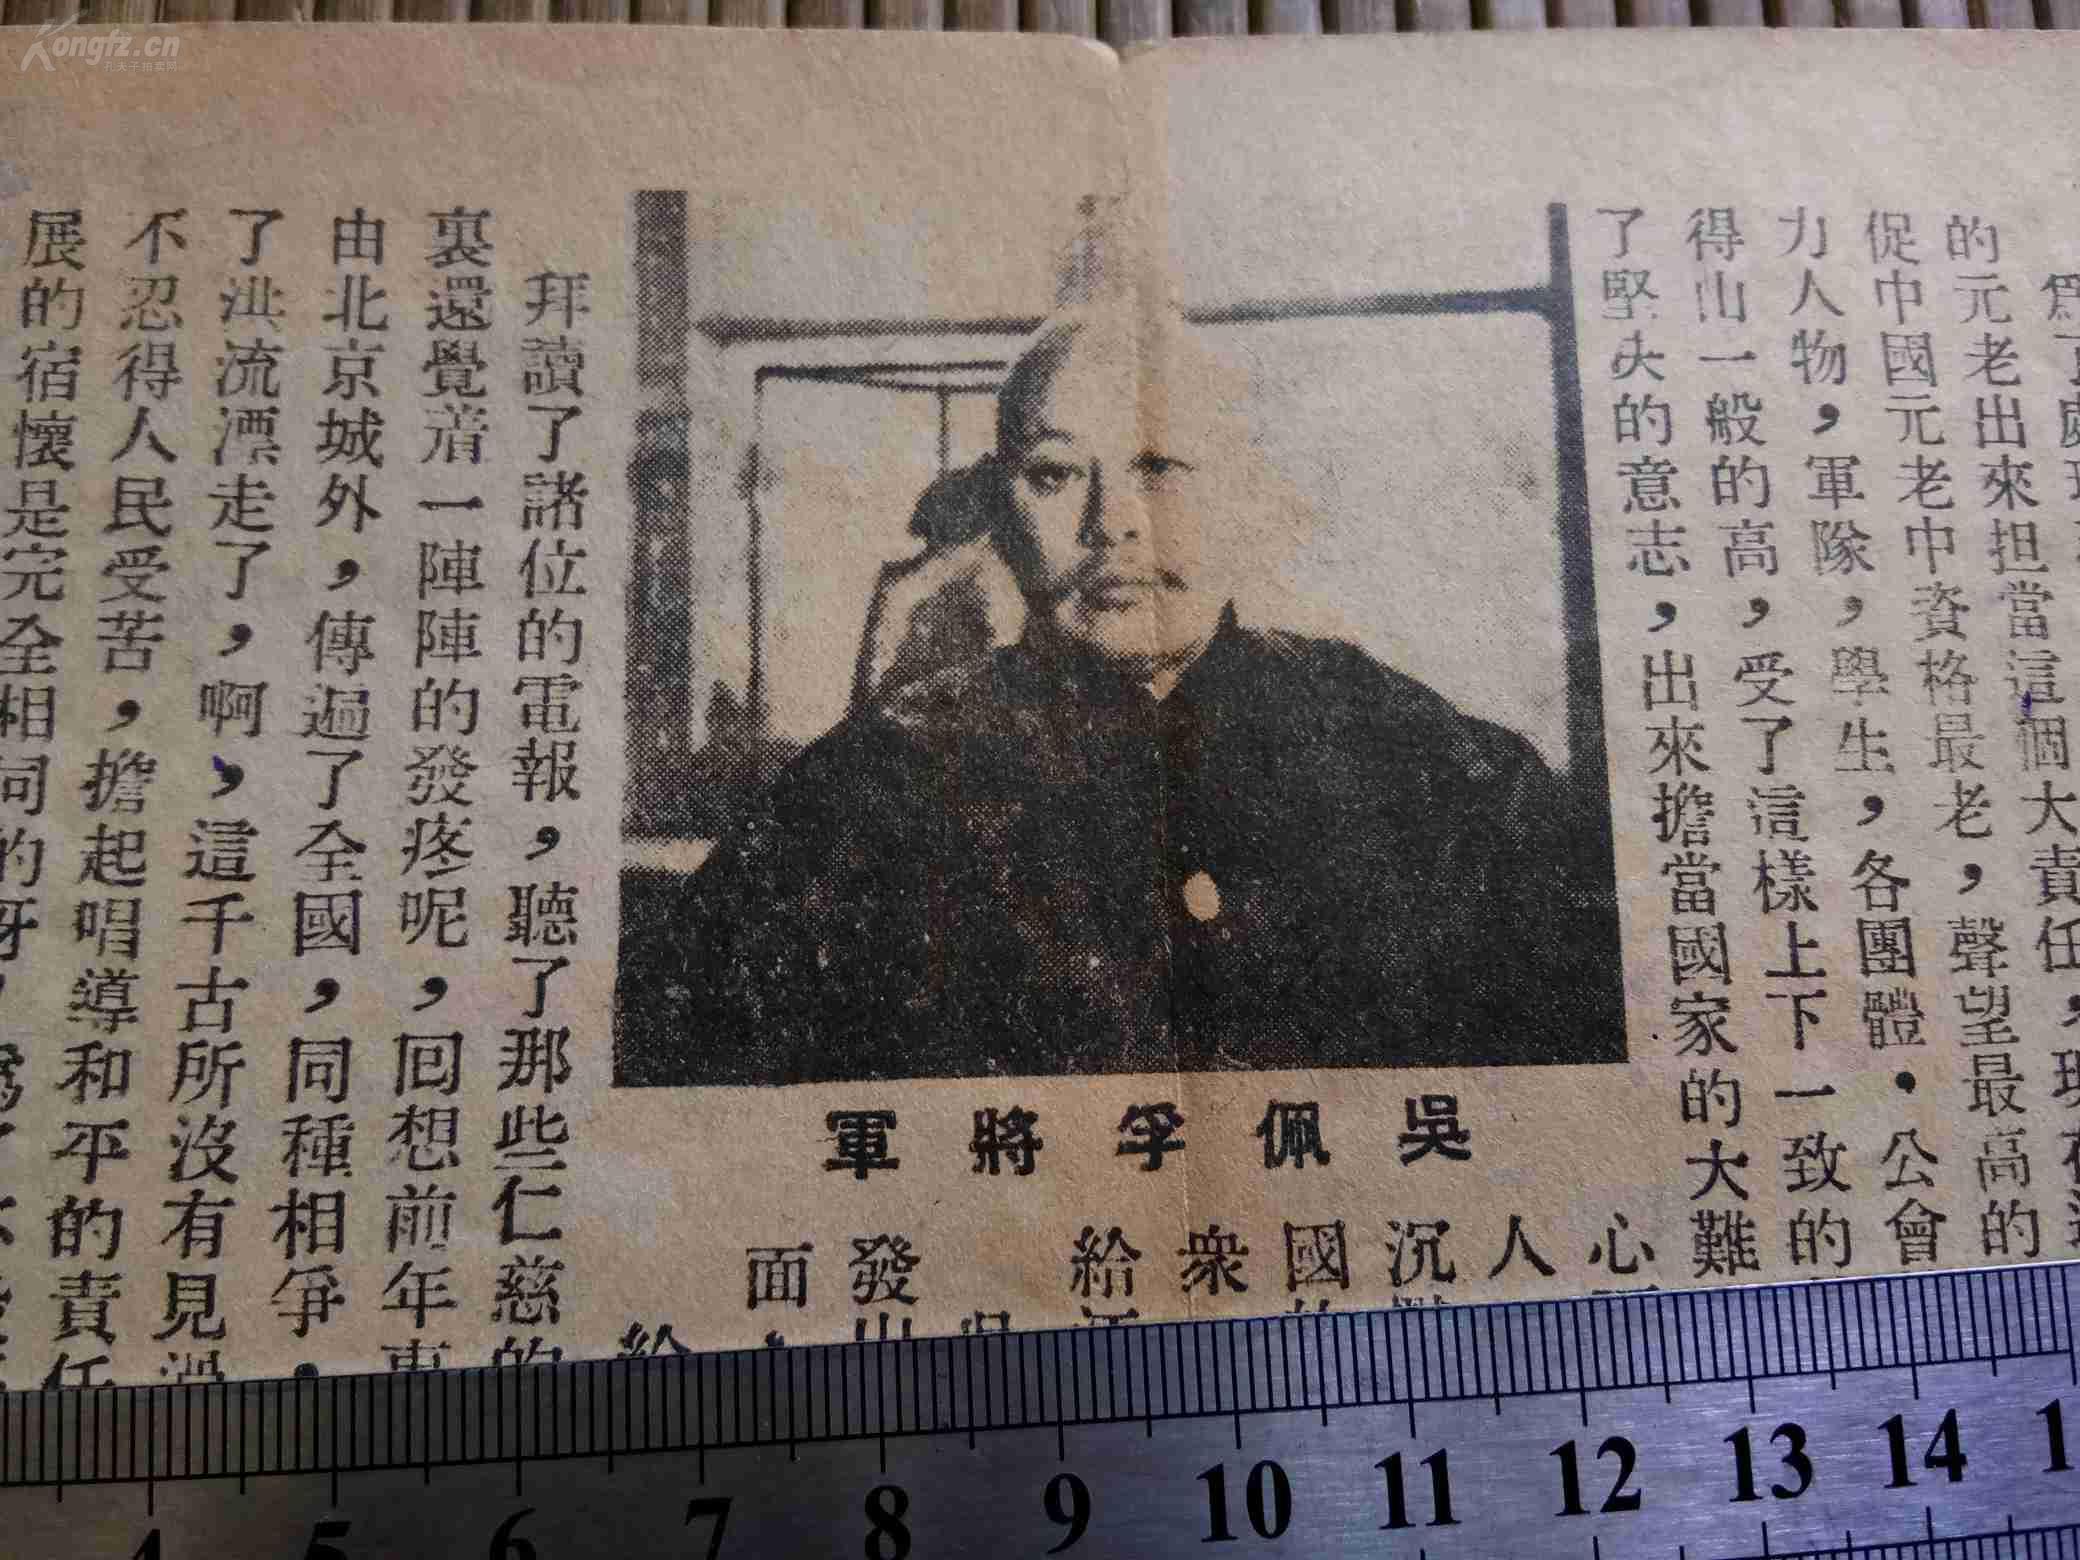 民国军阀时期:【吴佩孚将军】宣传单,有将军玉照.